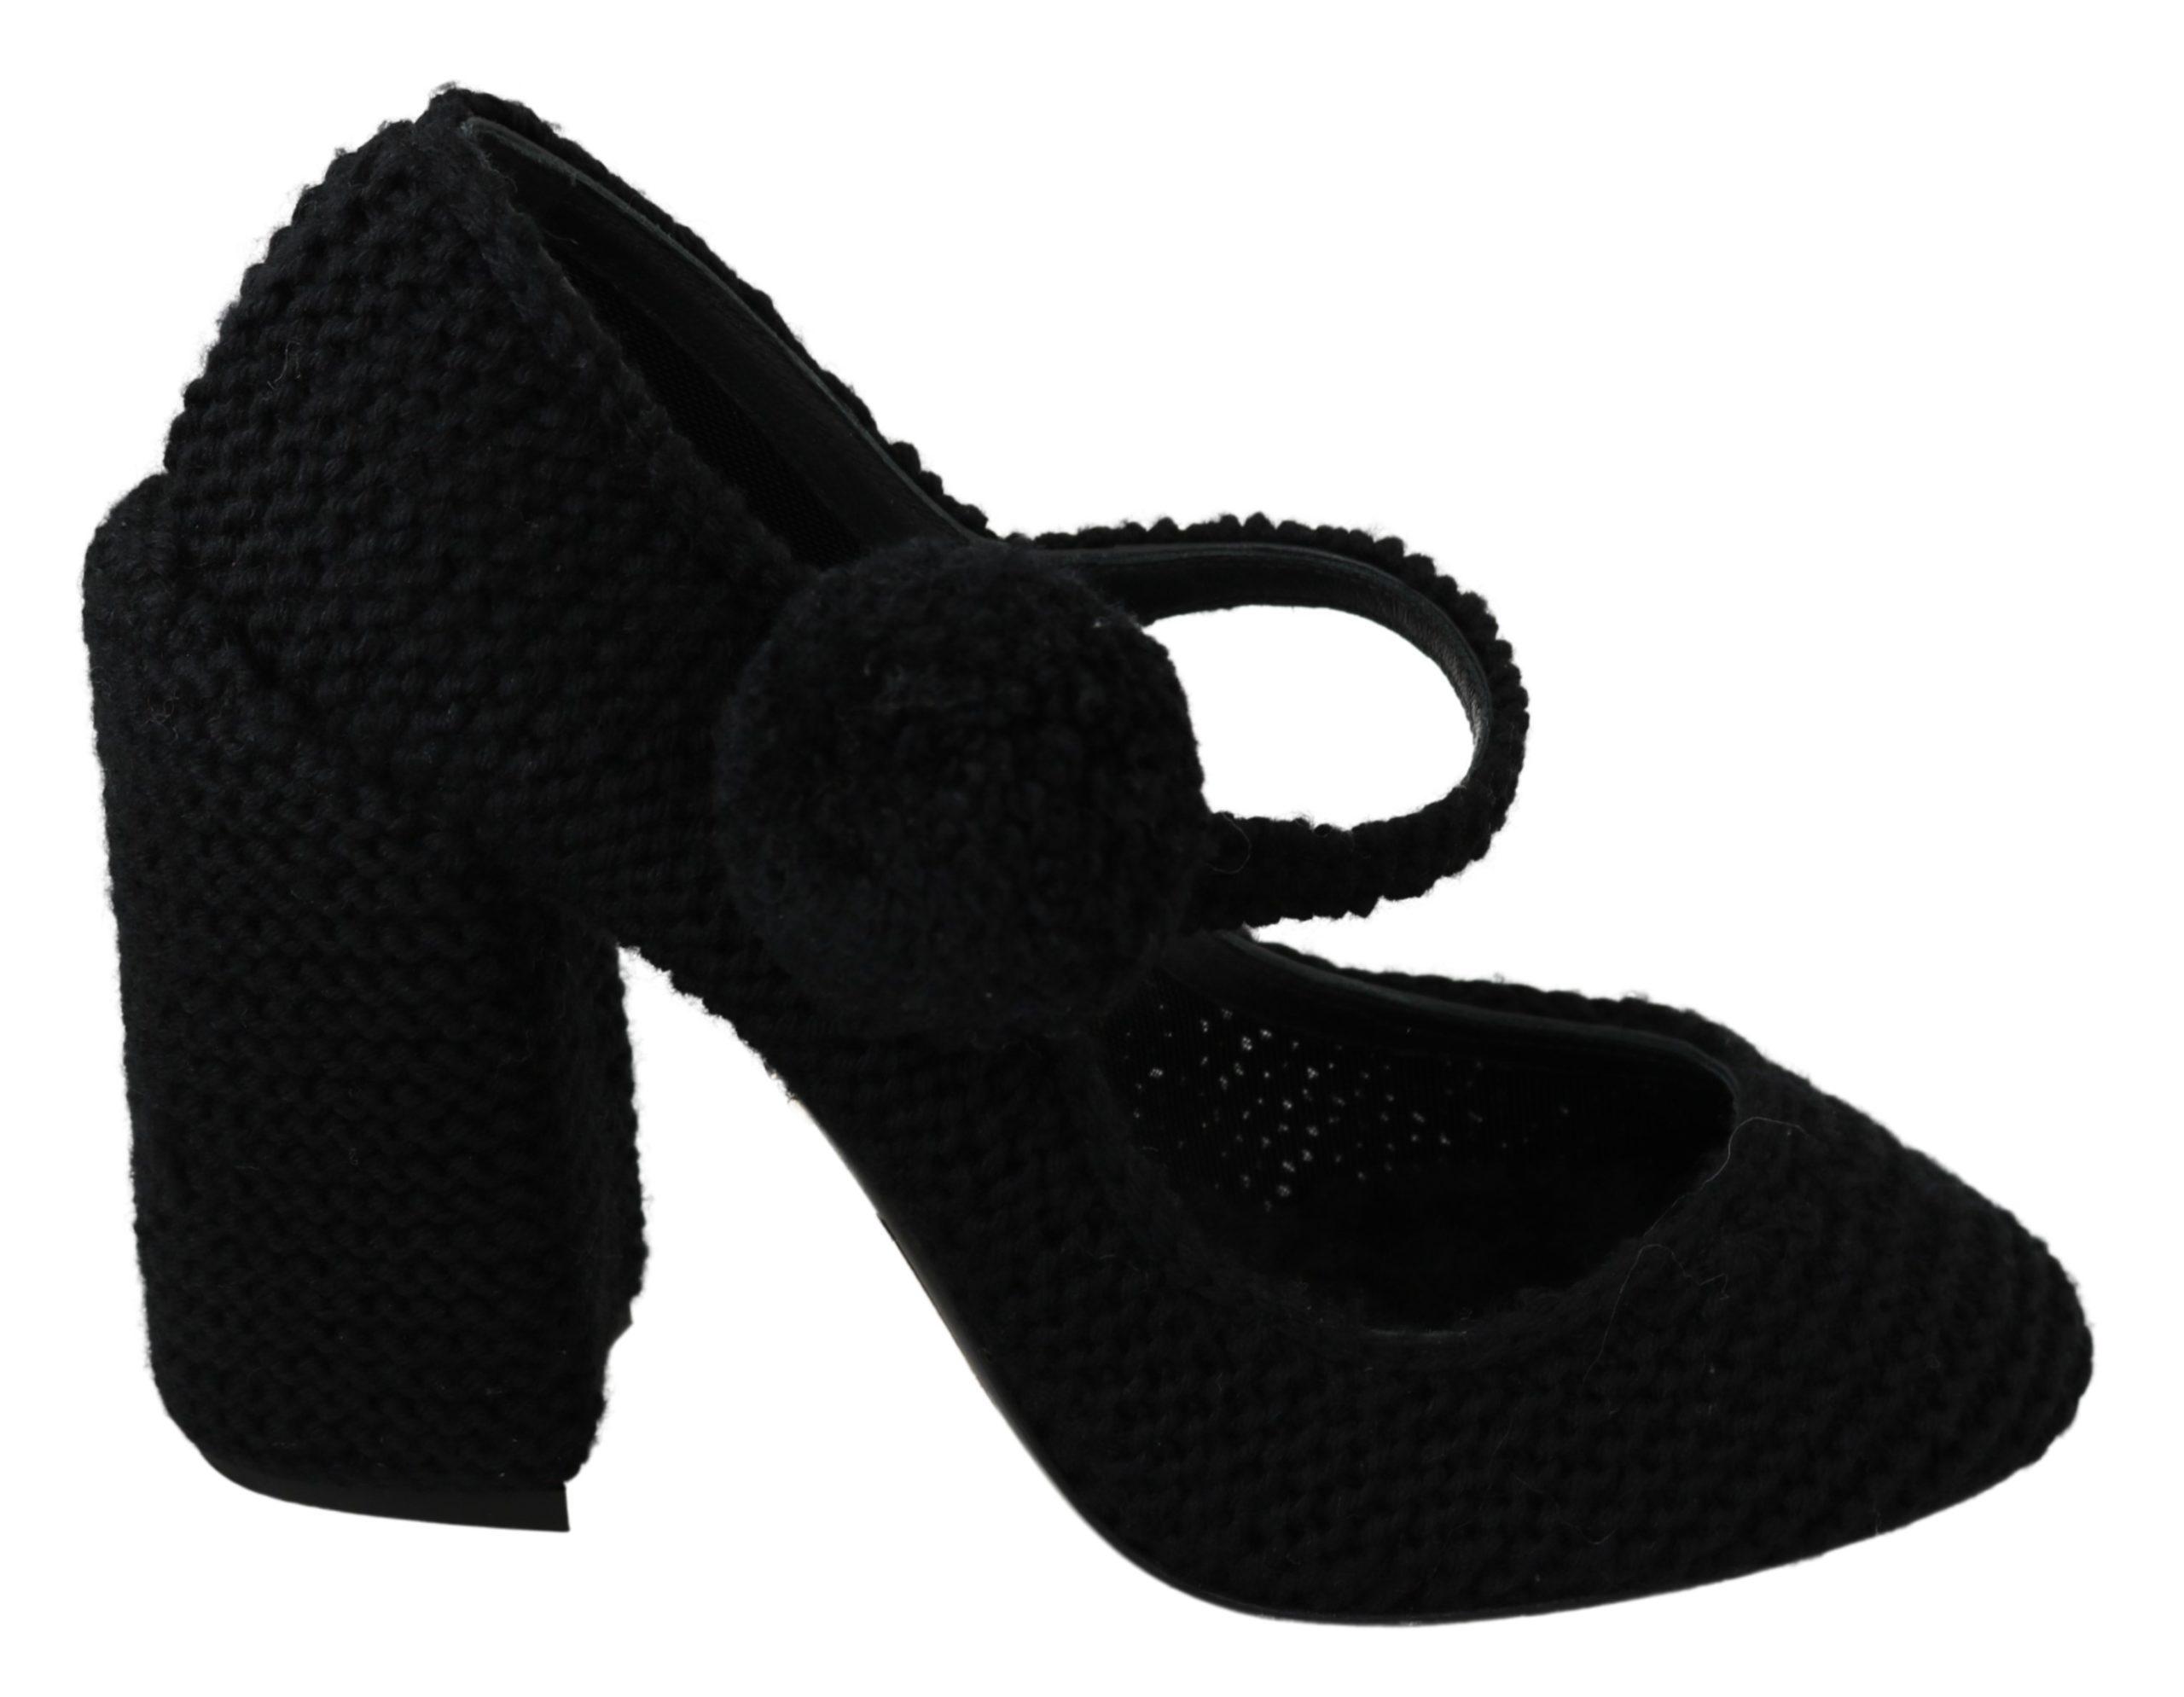 Dolce & Gabbana Women's Pom Pom Mary Jane Pumps Black LA6901 - EU39/US8.5